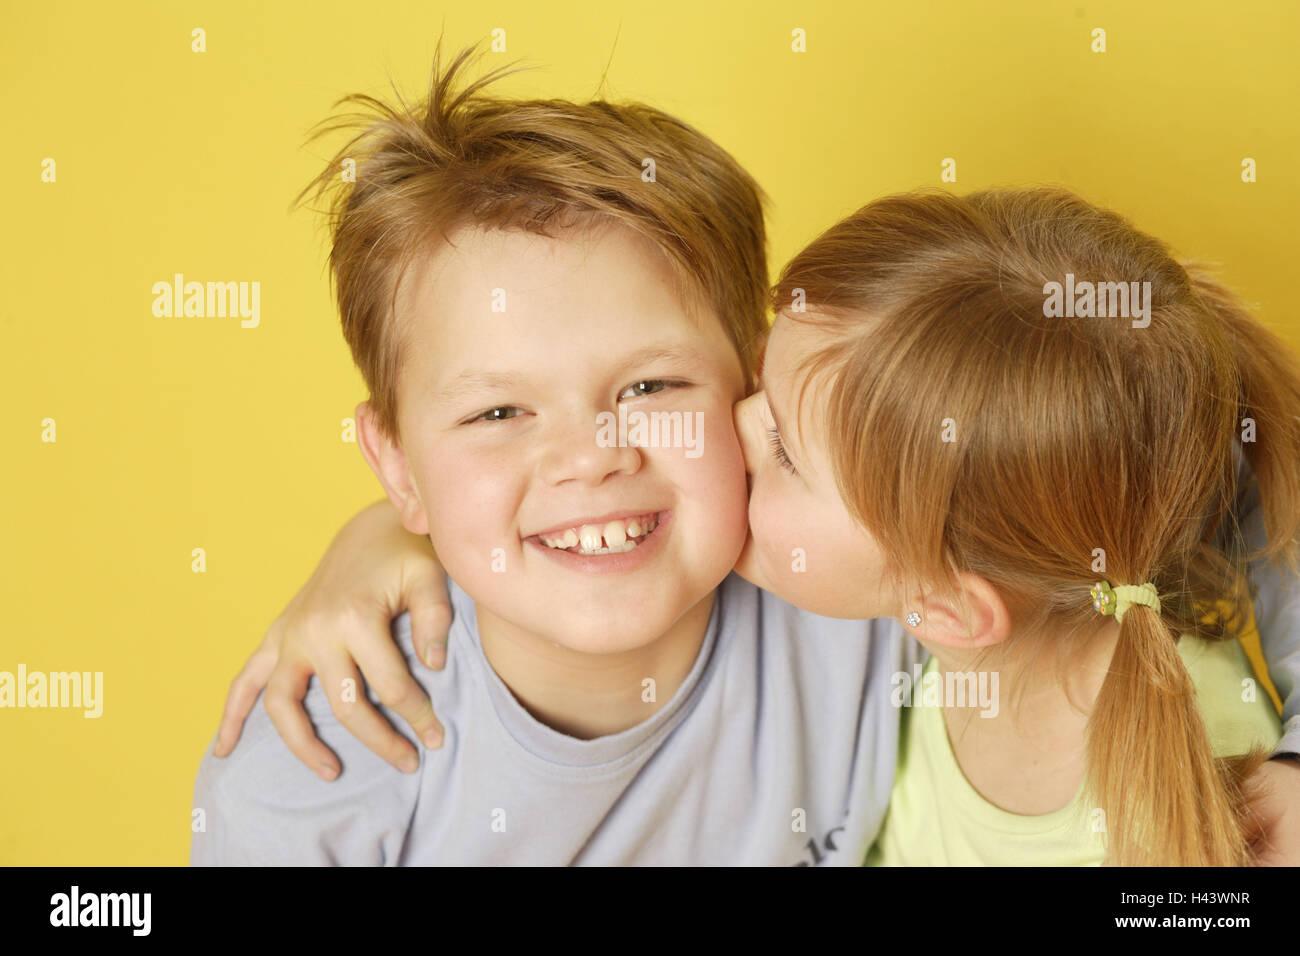 Cheek Kiss Friends Stockfotos und -bilder Kaufen - Alamy